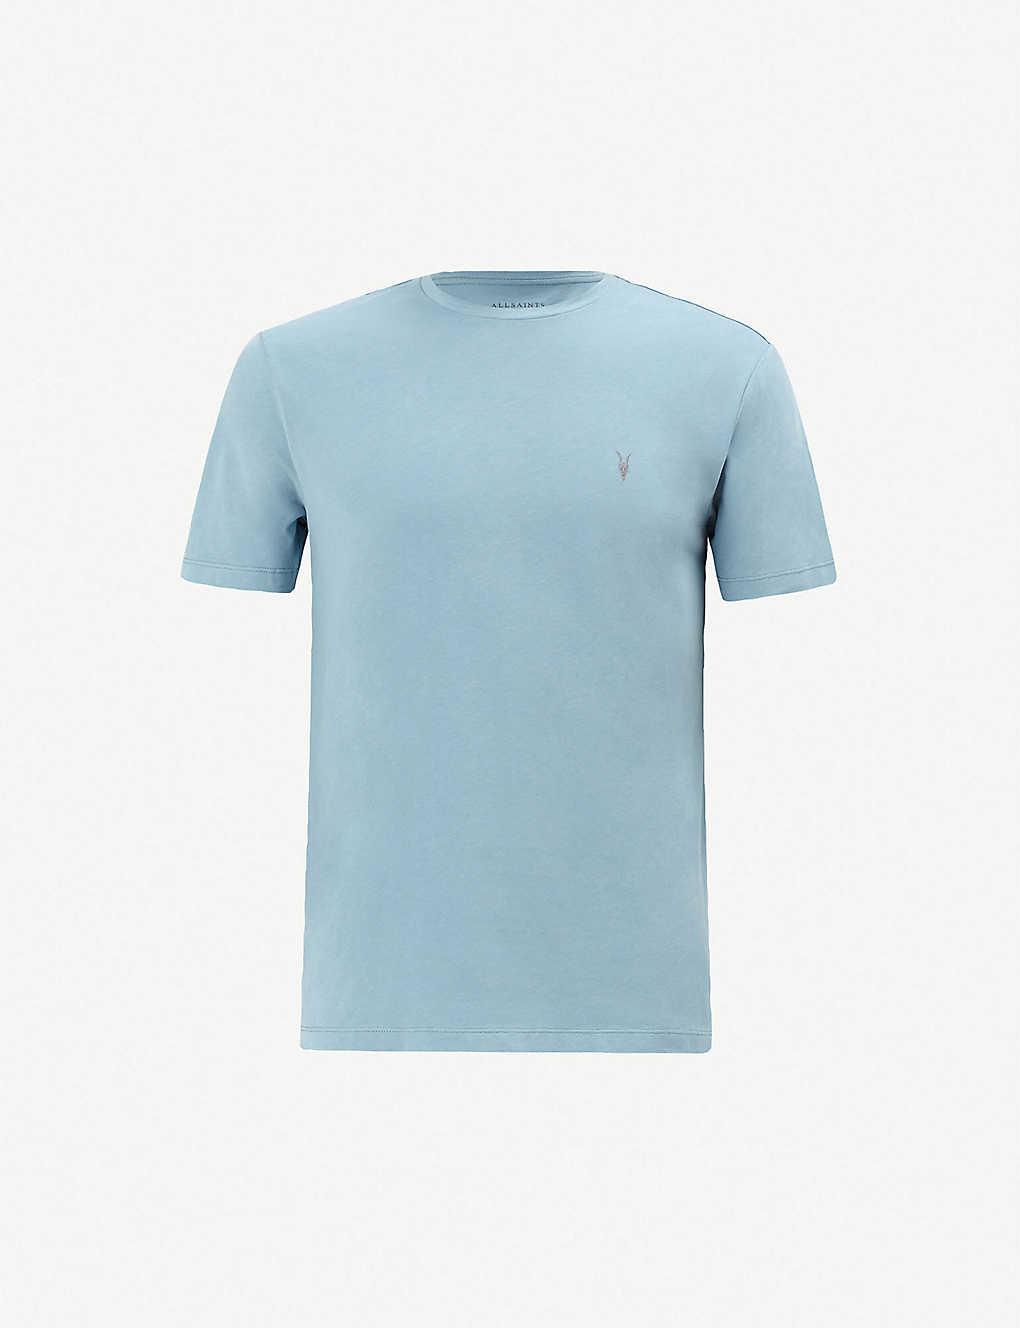 58cc15559ae5f0 ALLSAINTS - Brace crewneck cotton-jersey T-shirt | Selfridges.com